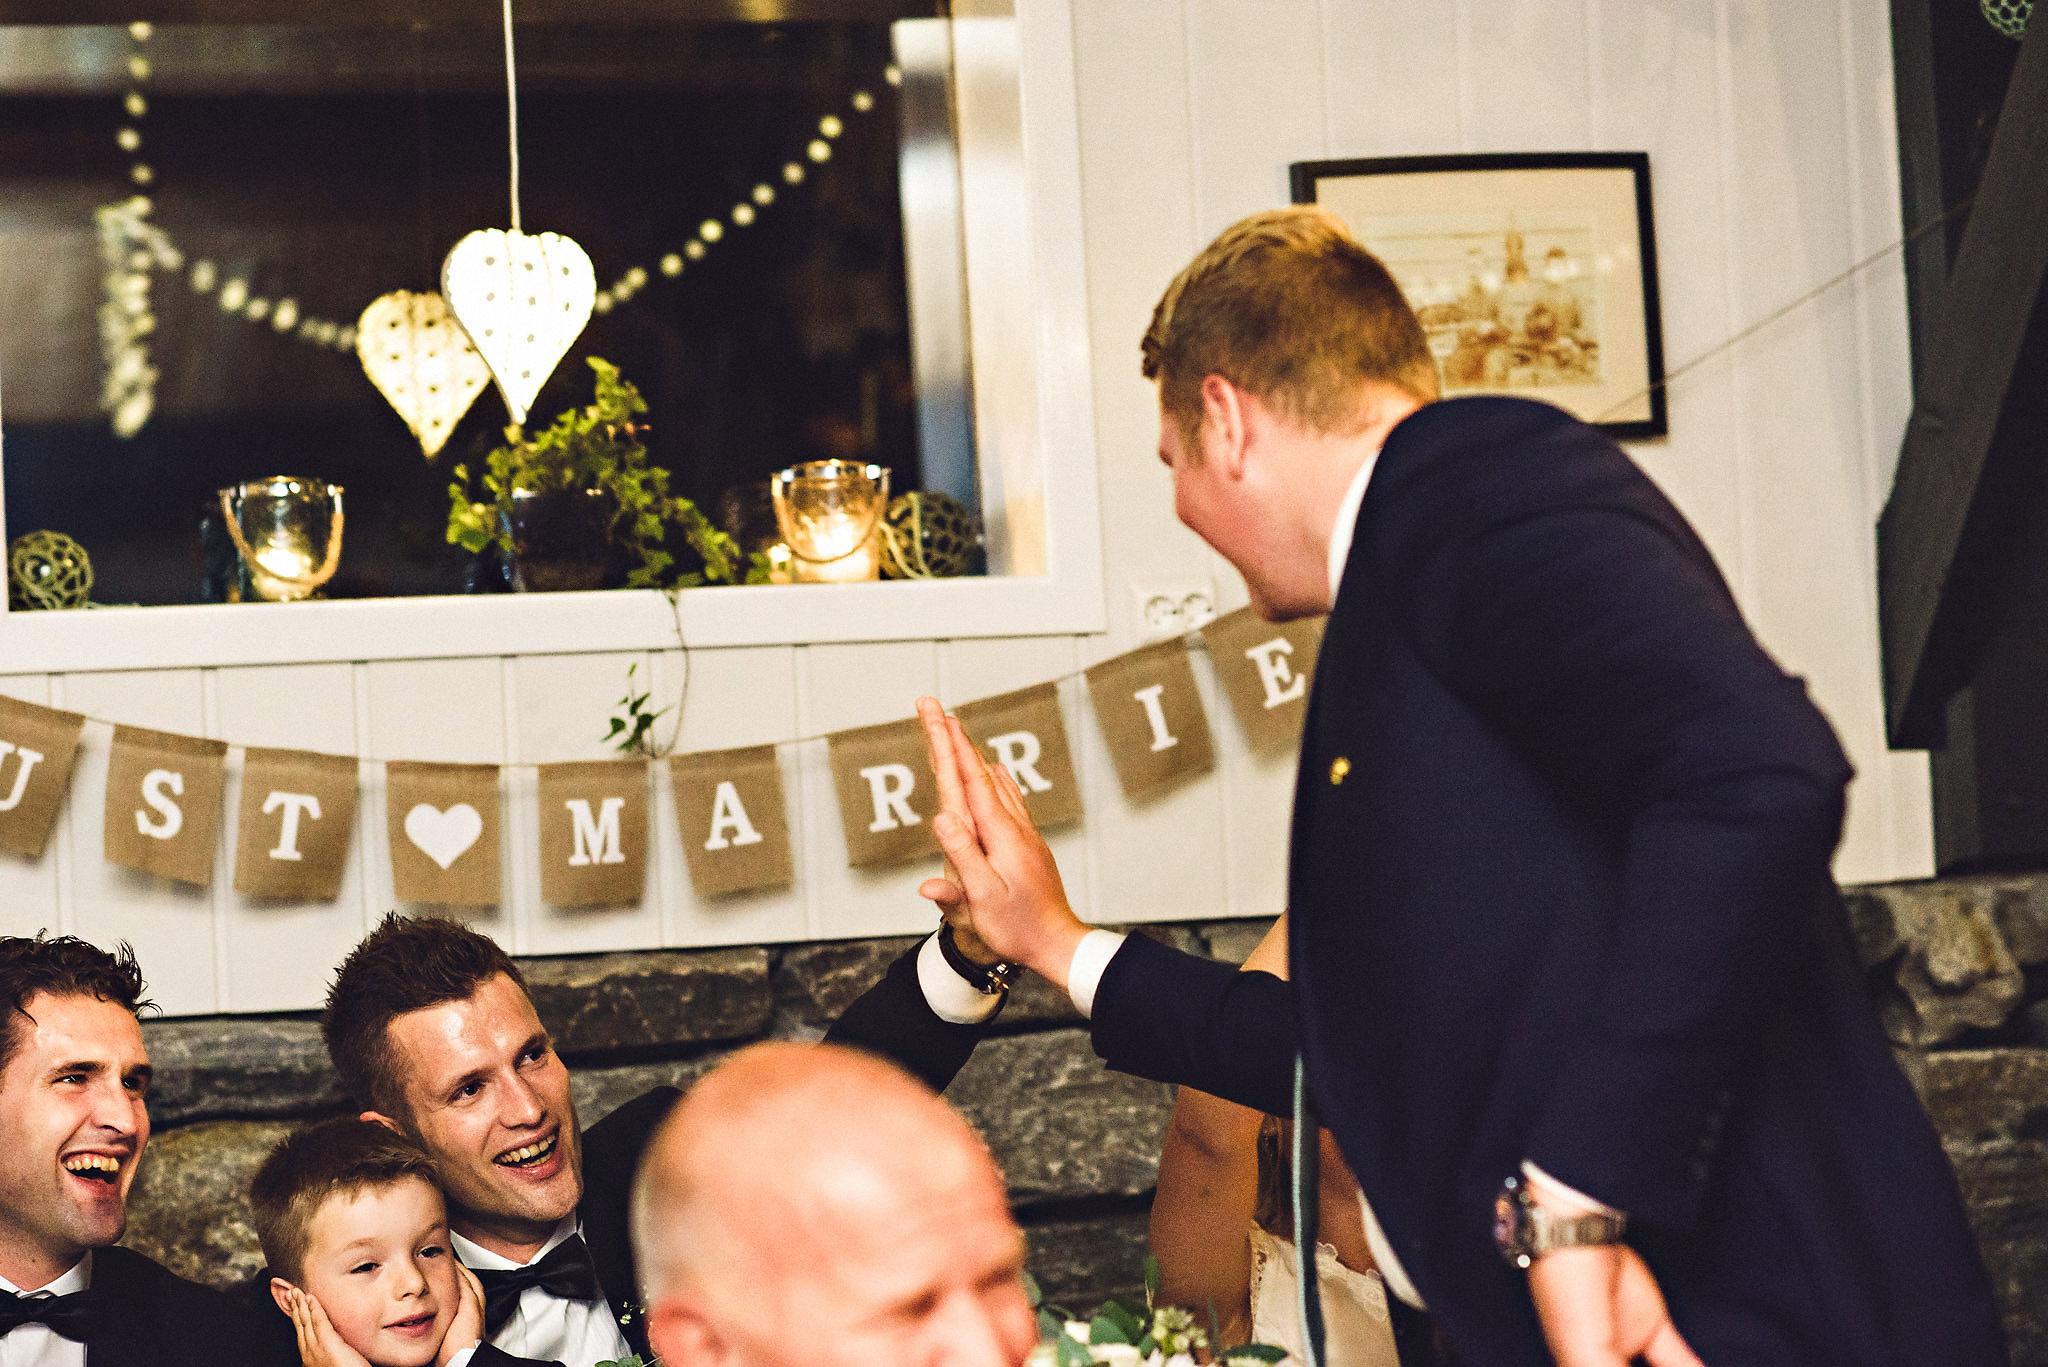 Eirik Halvorsen Hege og Andreas bryllup blog-72.jpg